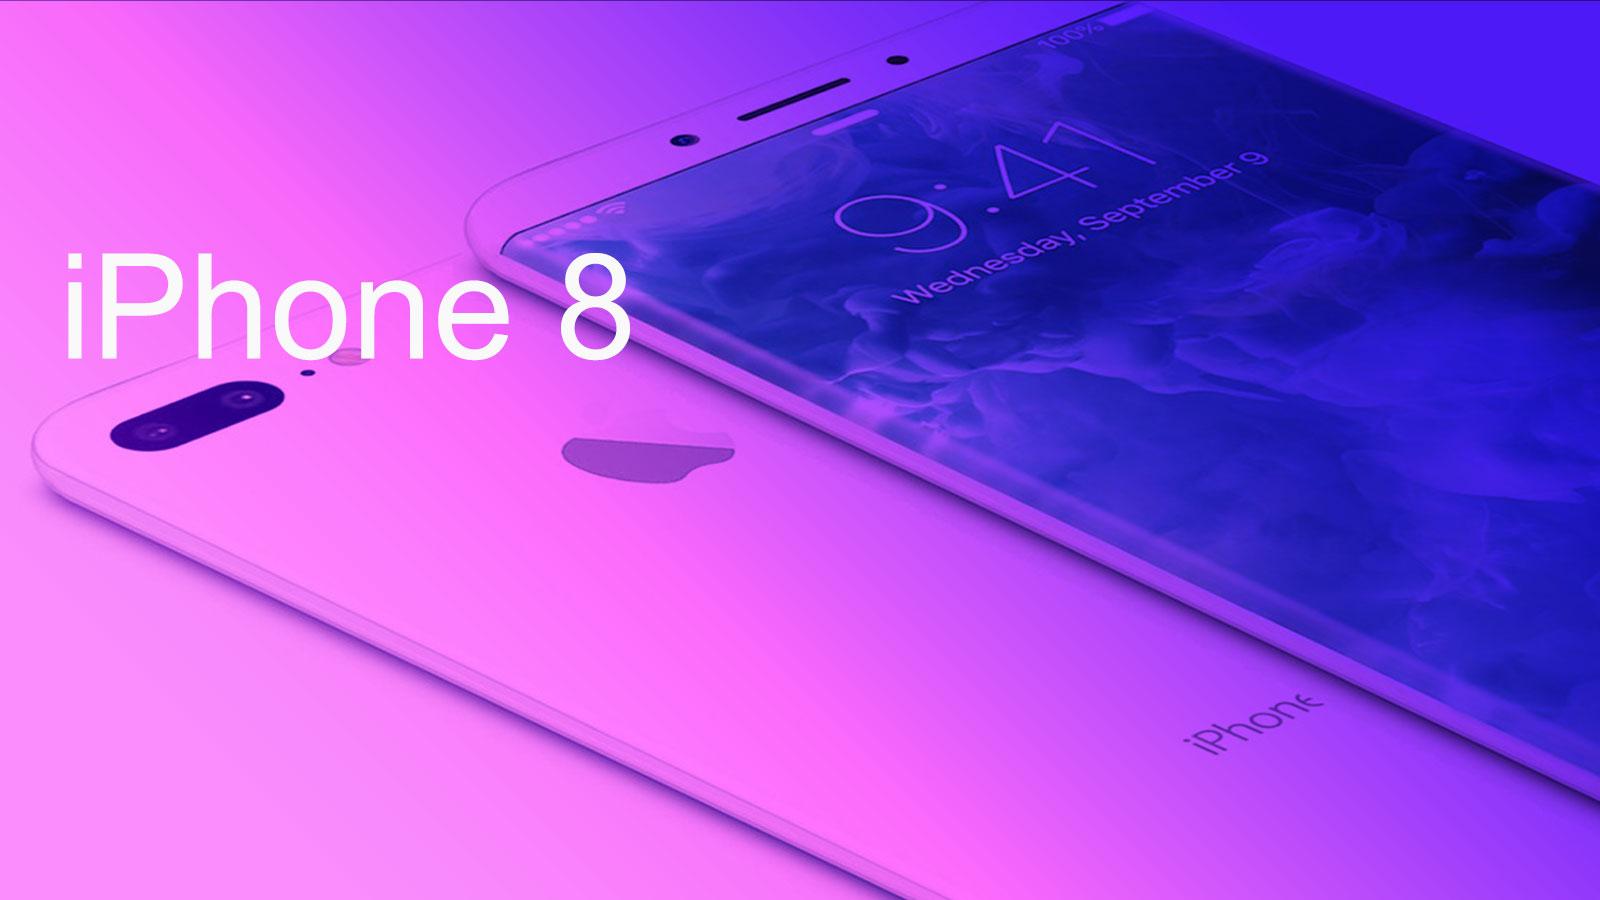 iPhone 8 có thể ra mắt vào tháng 9 năm nay